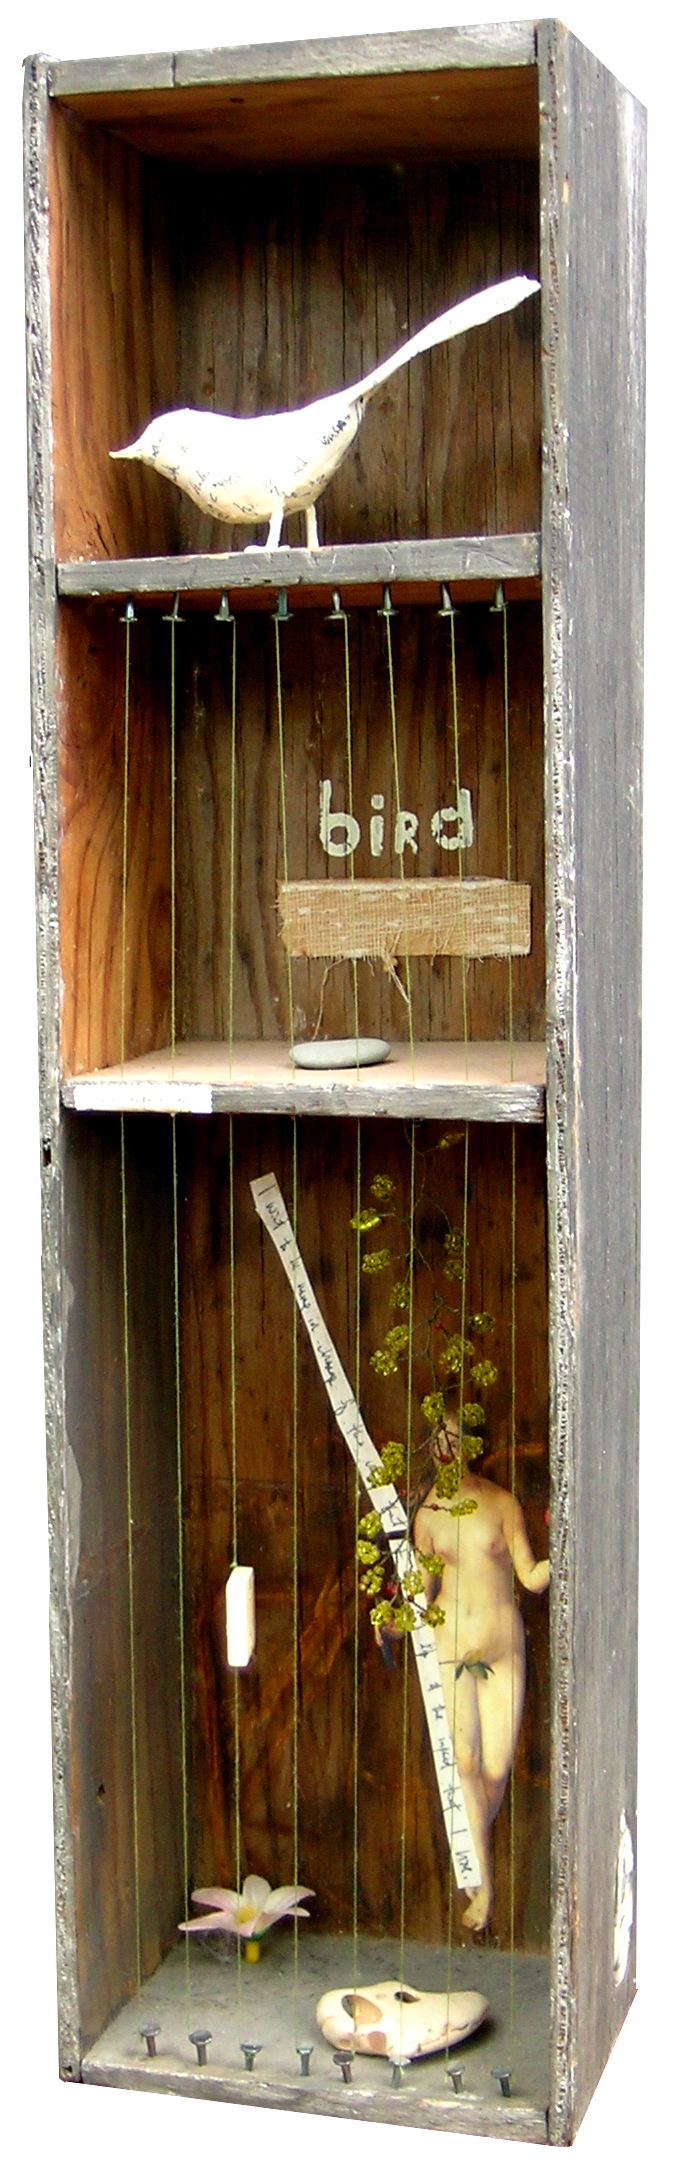 tall bird box silh.jpg